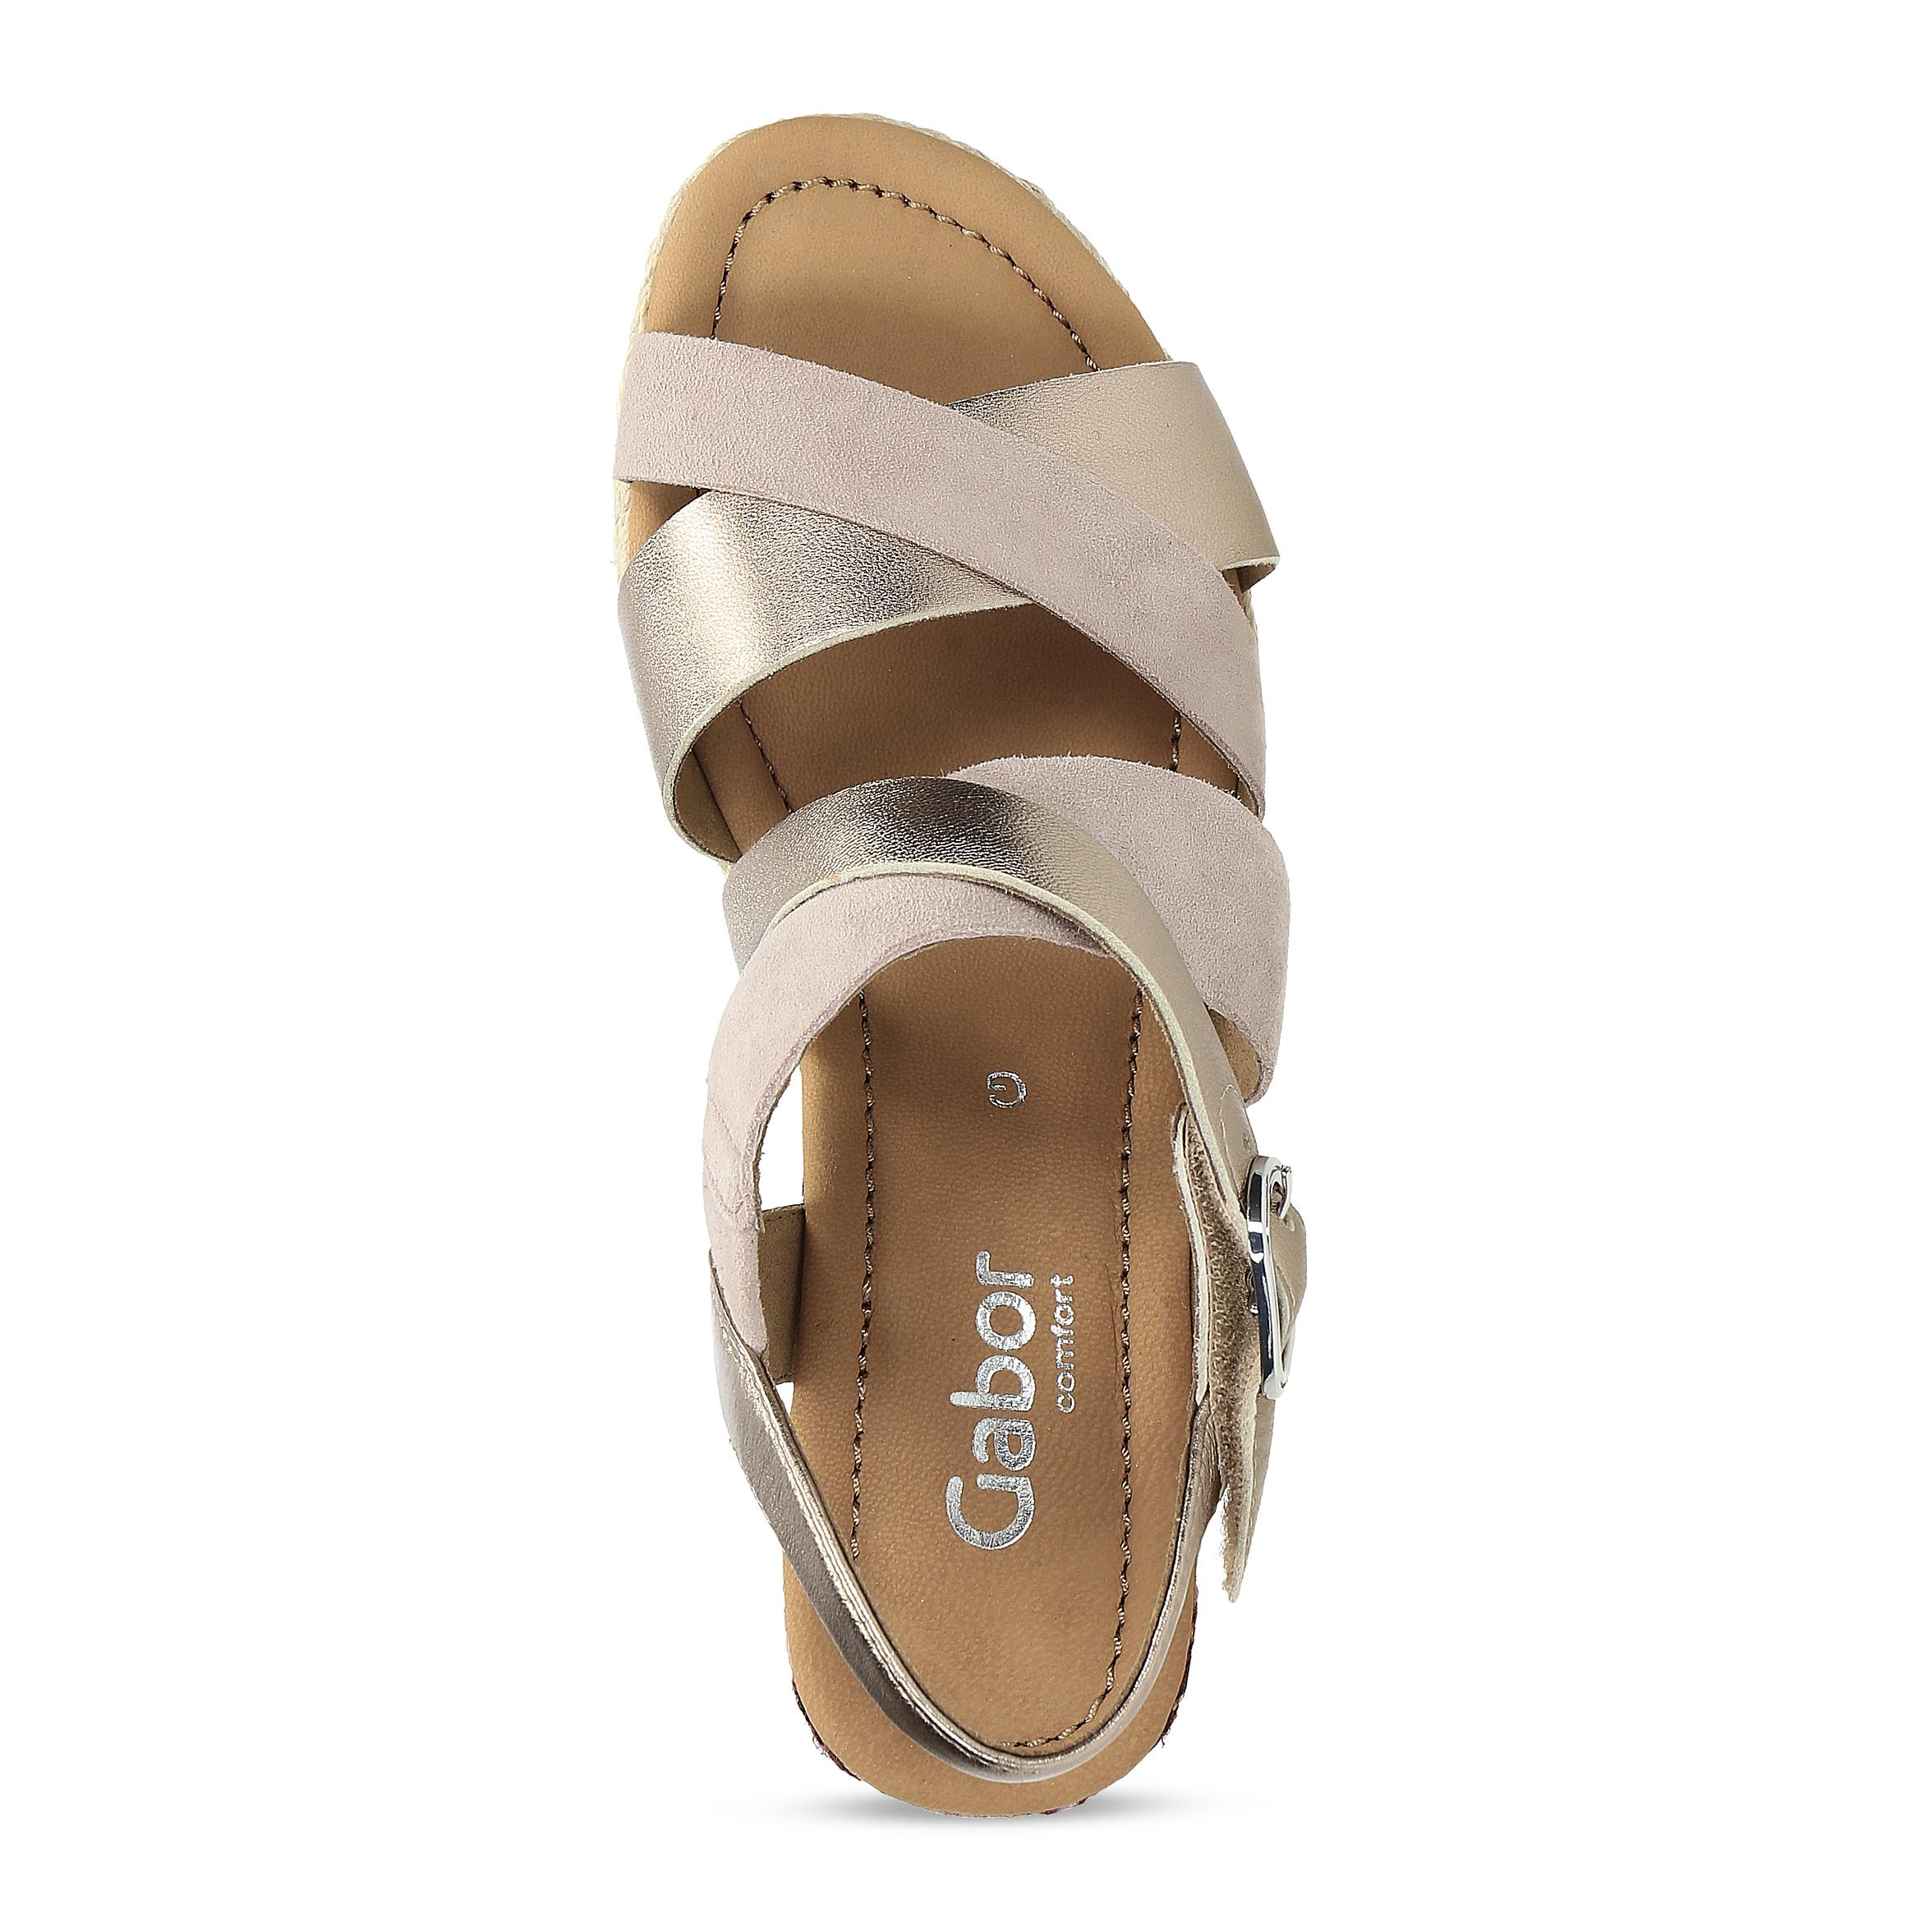 8263871231e23 ... Zlaté kožené sandále na vzorovanej platforme gabor, zlatá, béžová, ...